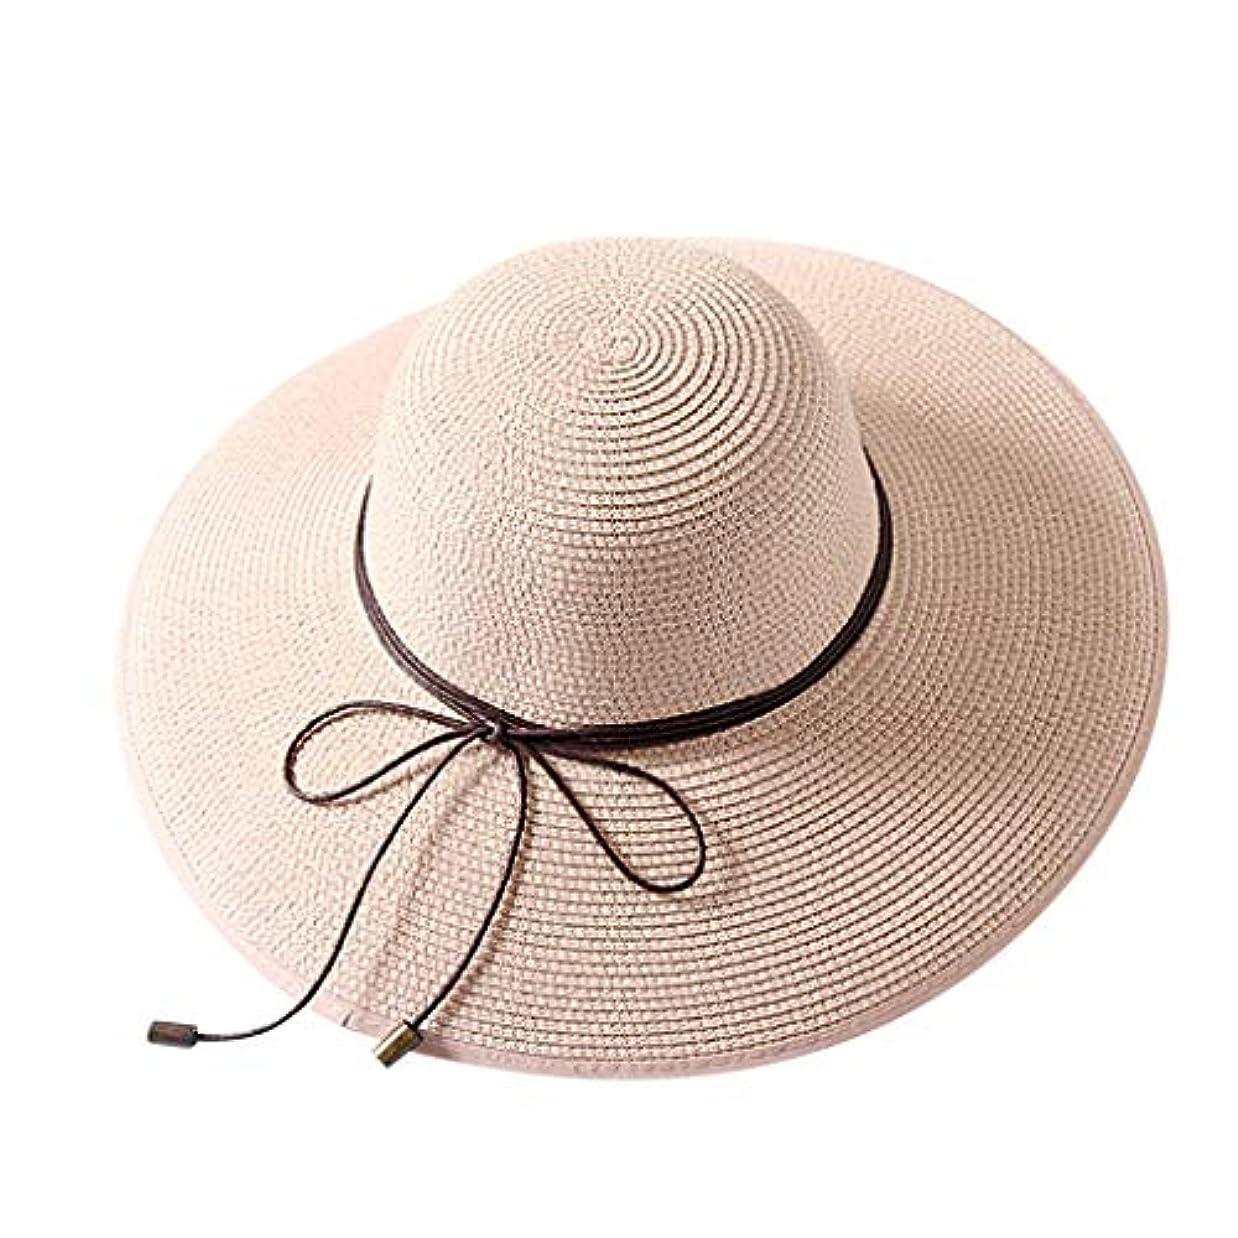 省こねる所属帽子 レディース 大きいサイズ 日よけ つば広 紫外線対策 小顔効果抜群 カジュアル 森ガール レディース オールシーズン UV 大きいサイズ 折りたためる 小顔効果 漁師帽 ハットラップ ROSE ROMAN